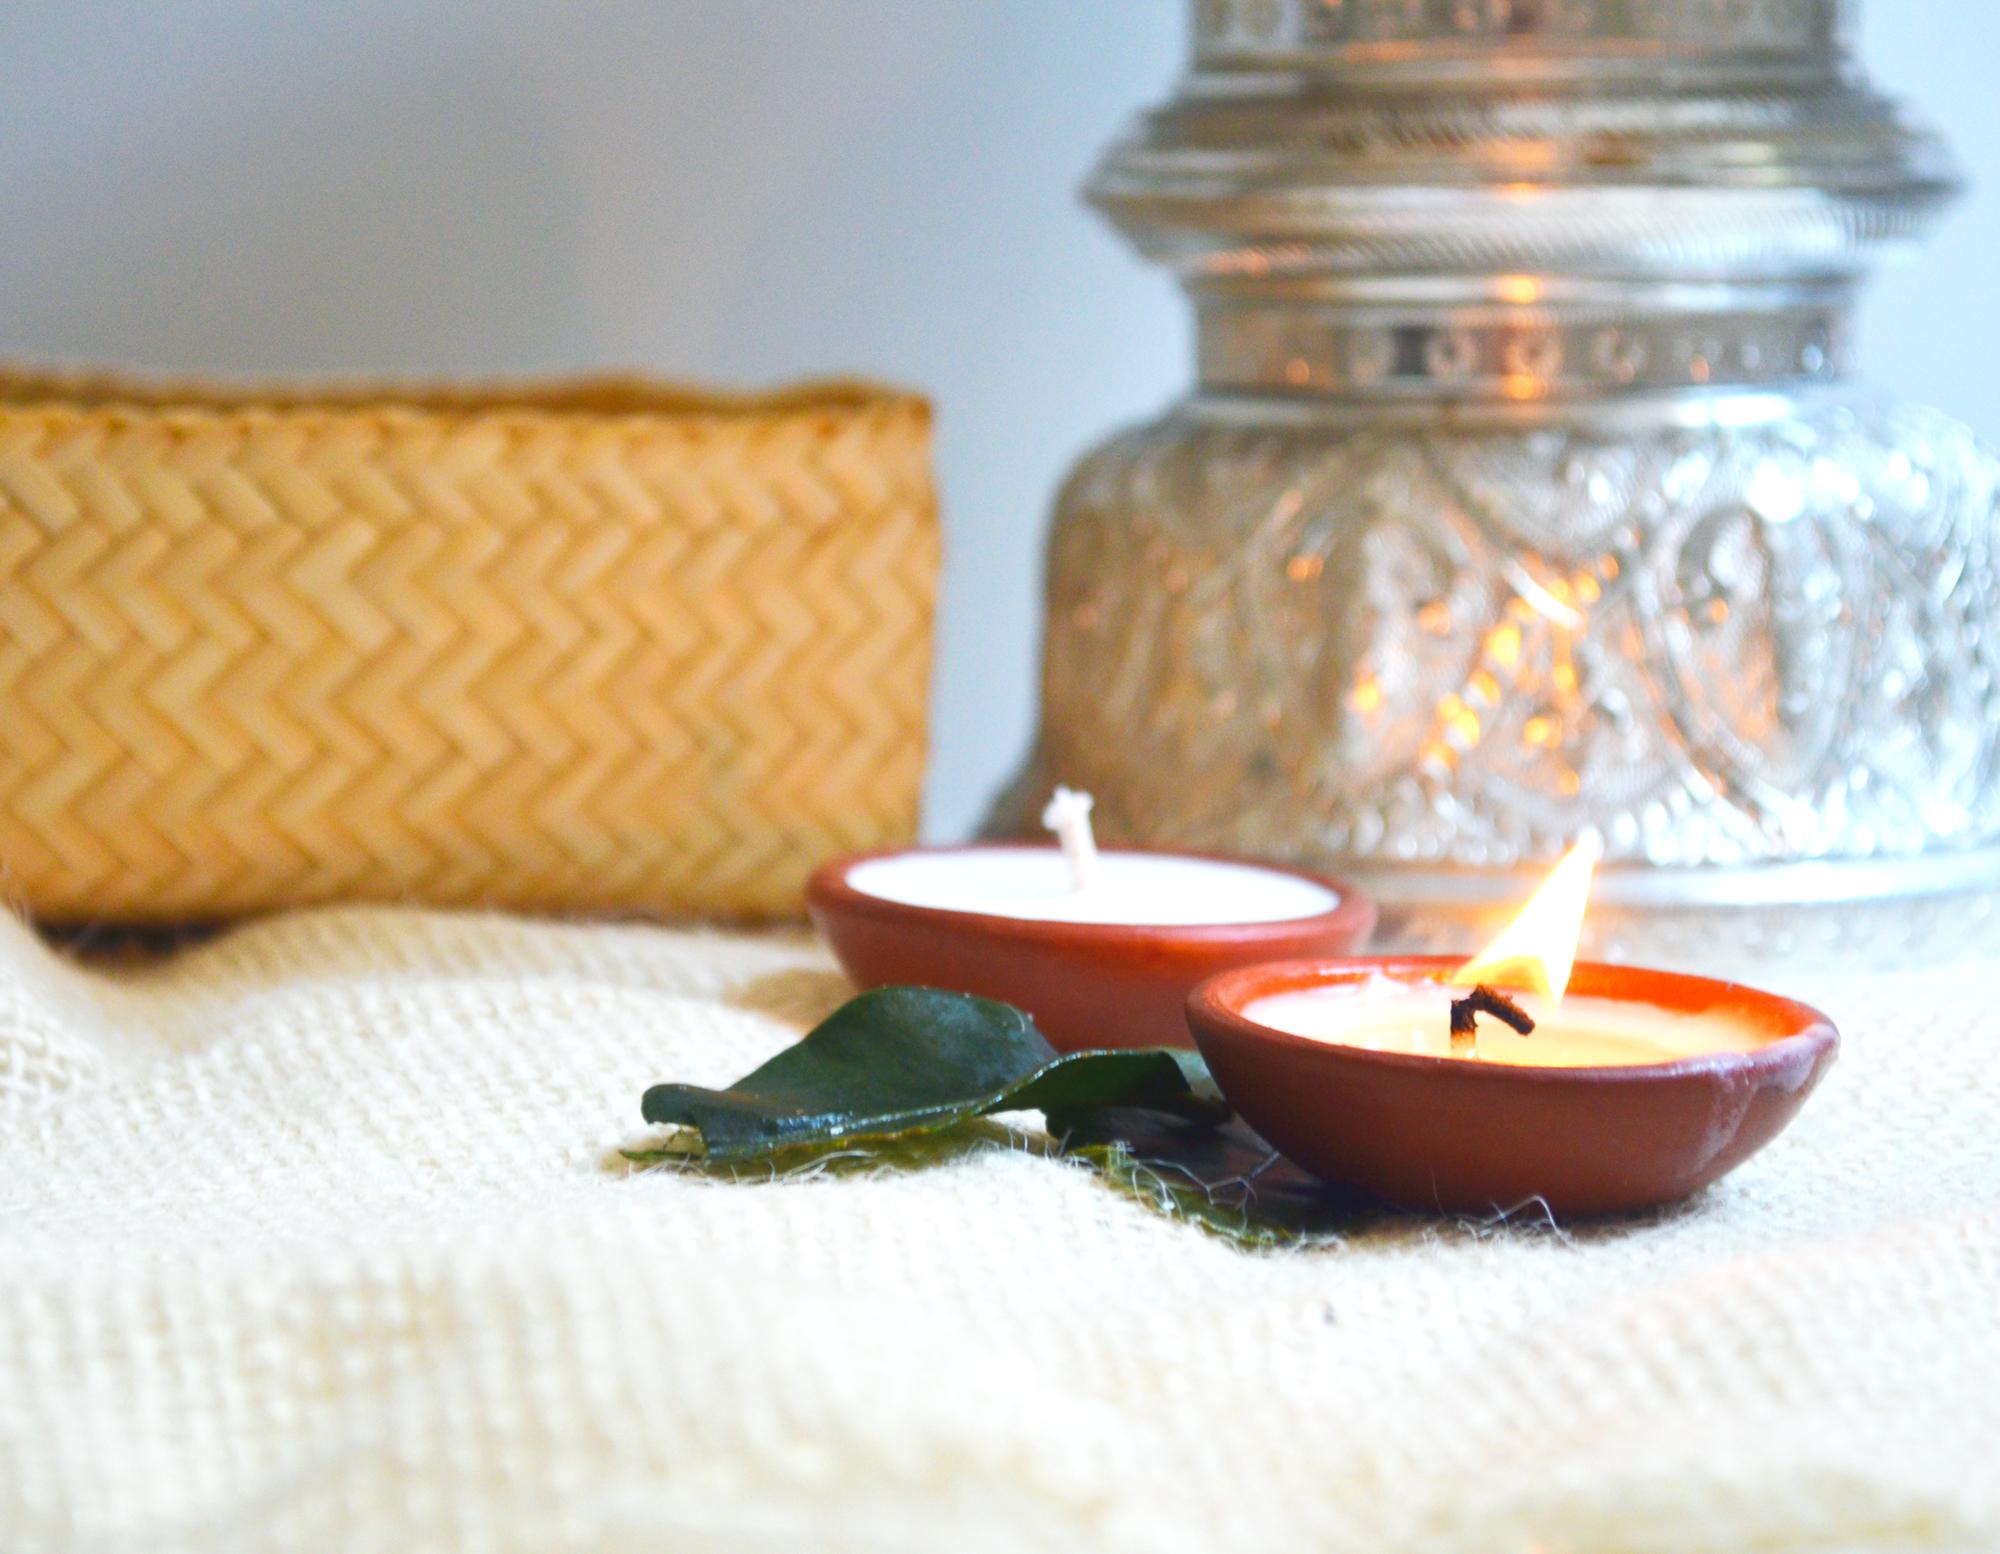 bougies-naturelles-a-la-cire-de-soja-vegan-bodia-nature